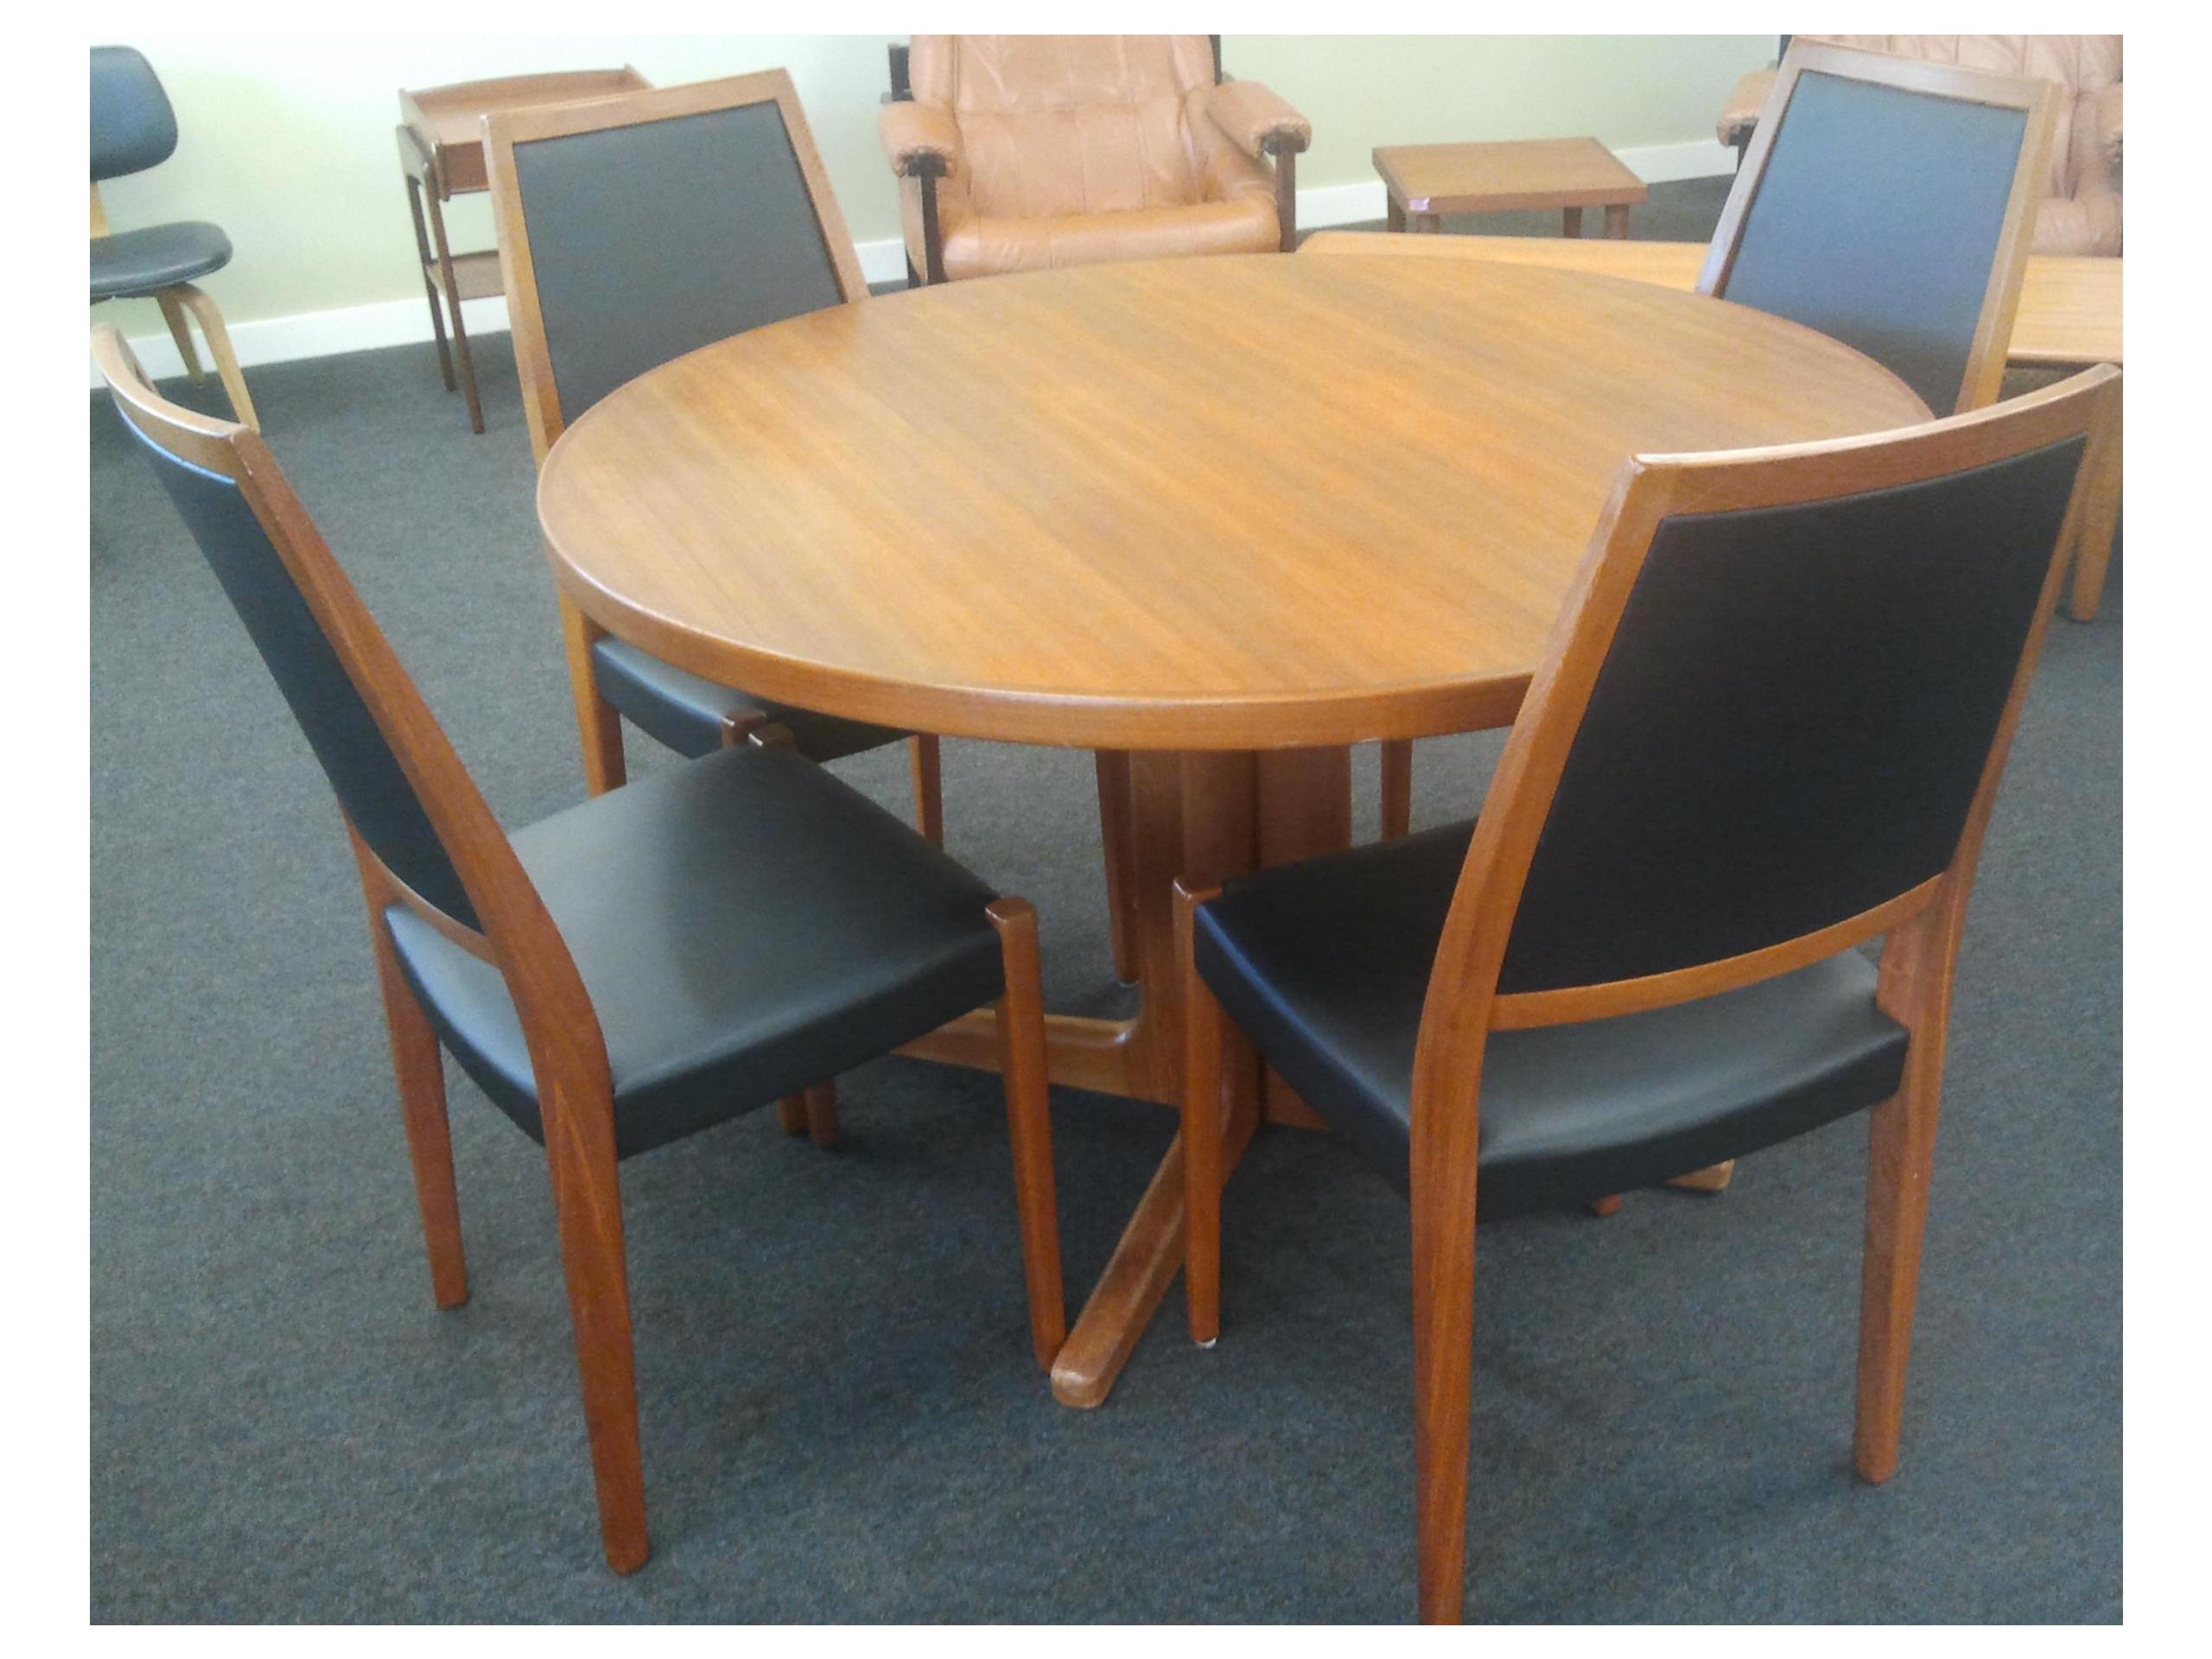 Vintage Danish Mid Century Modern Teak Dining Room Set. Table Has (2)  Extension